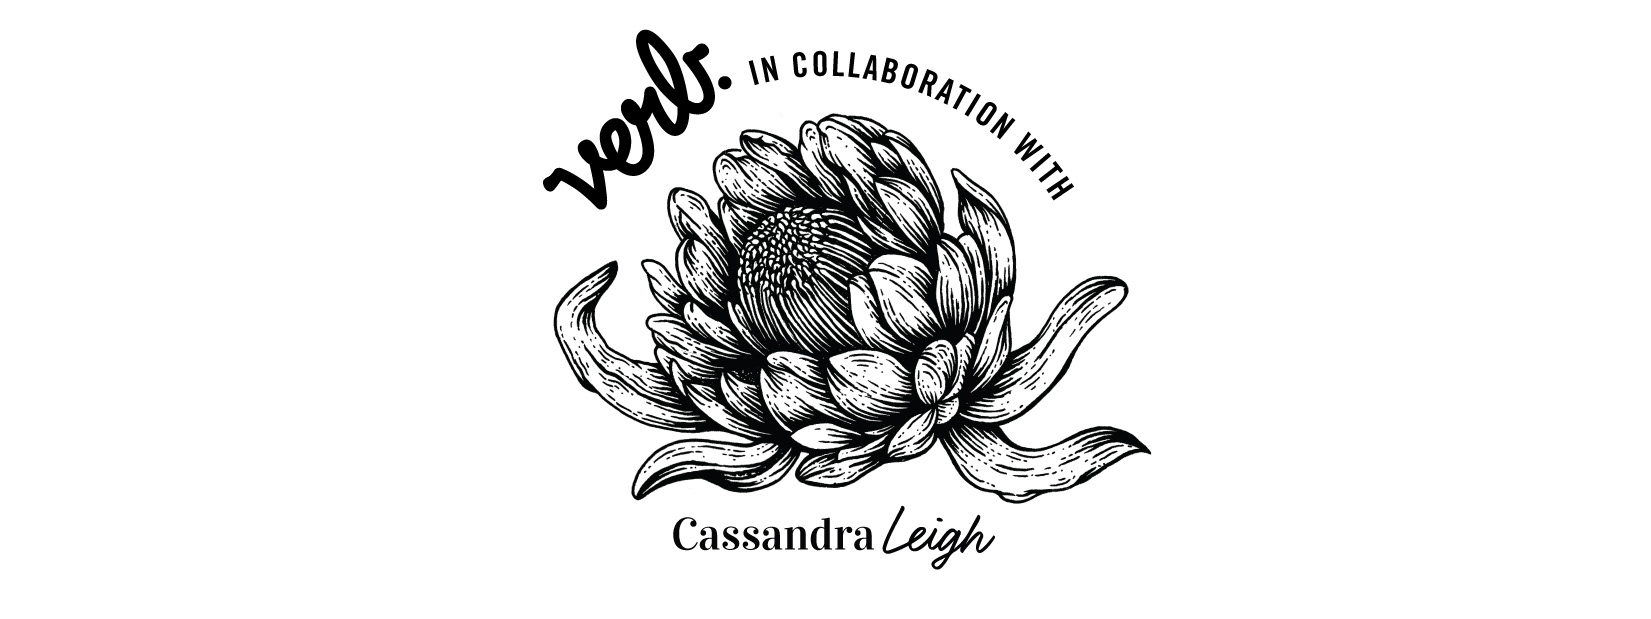 Verb x Cassandra Leigh